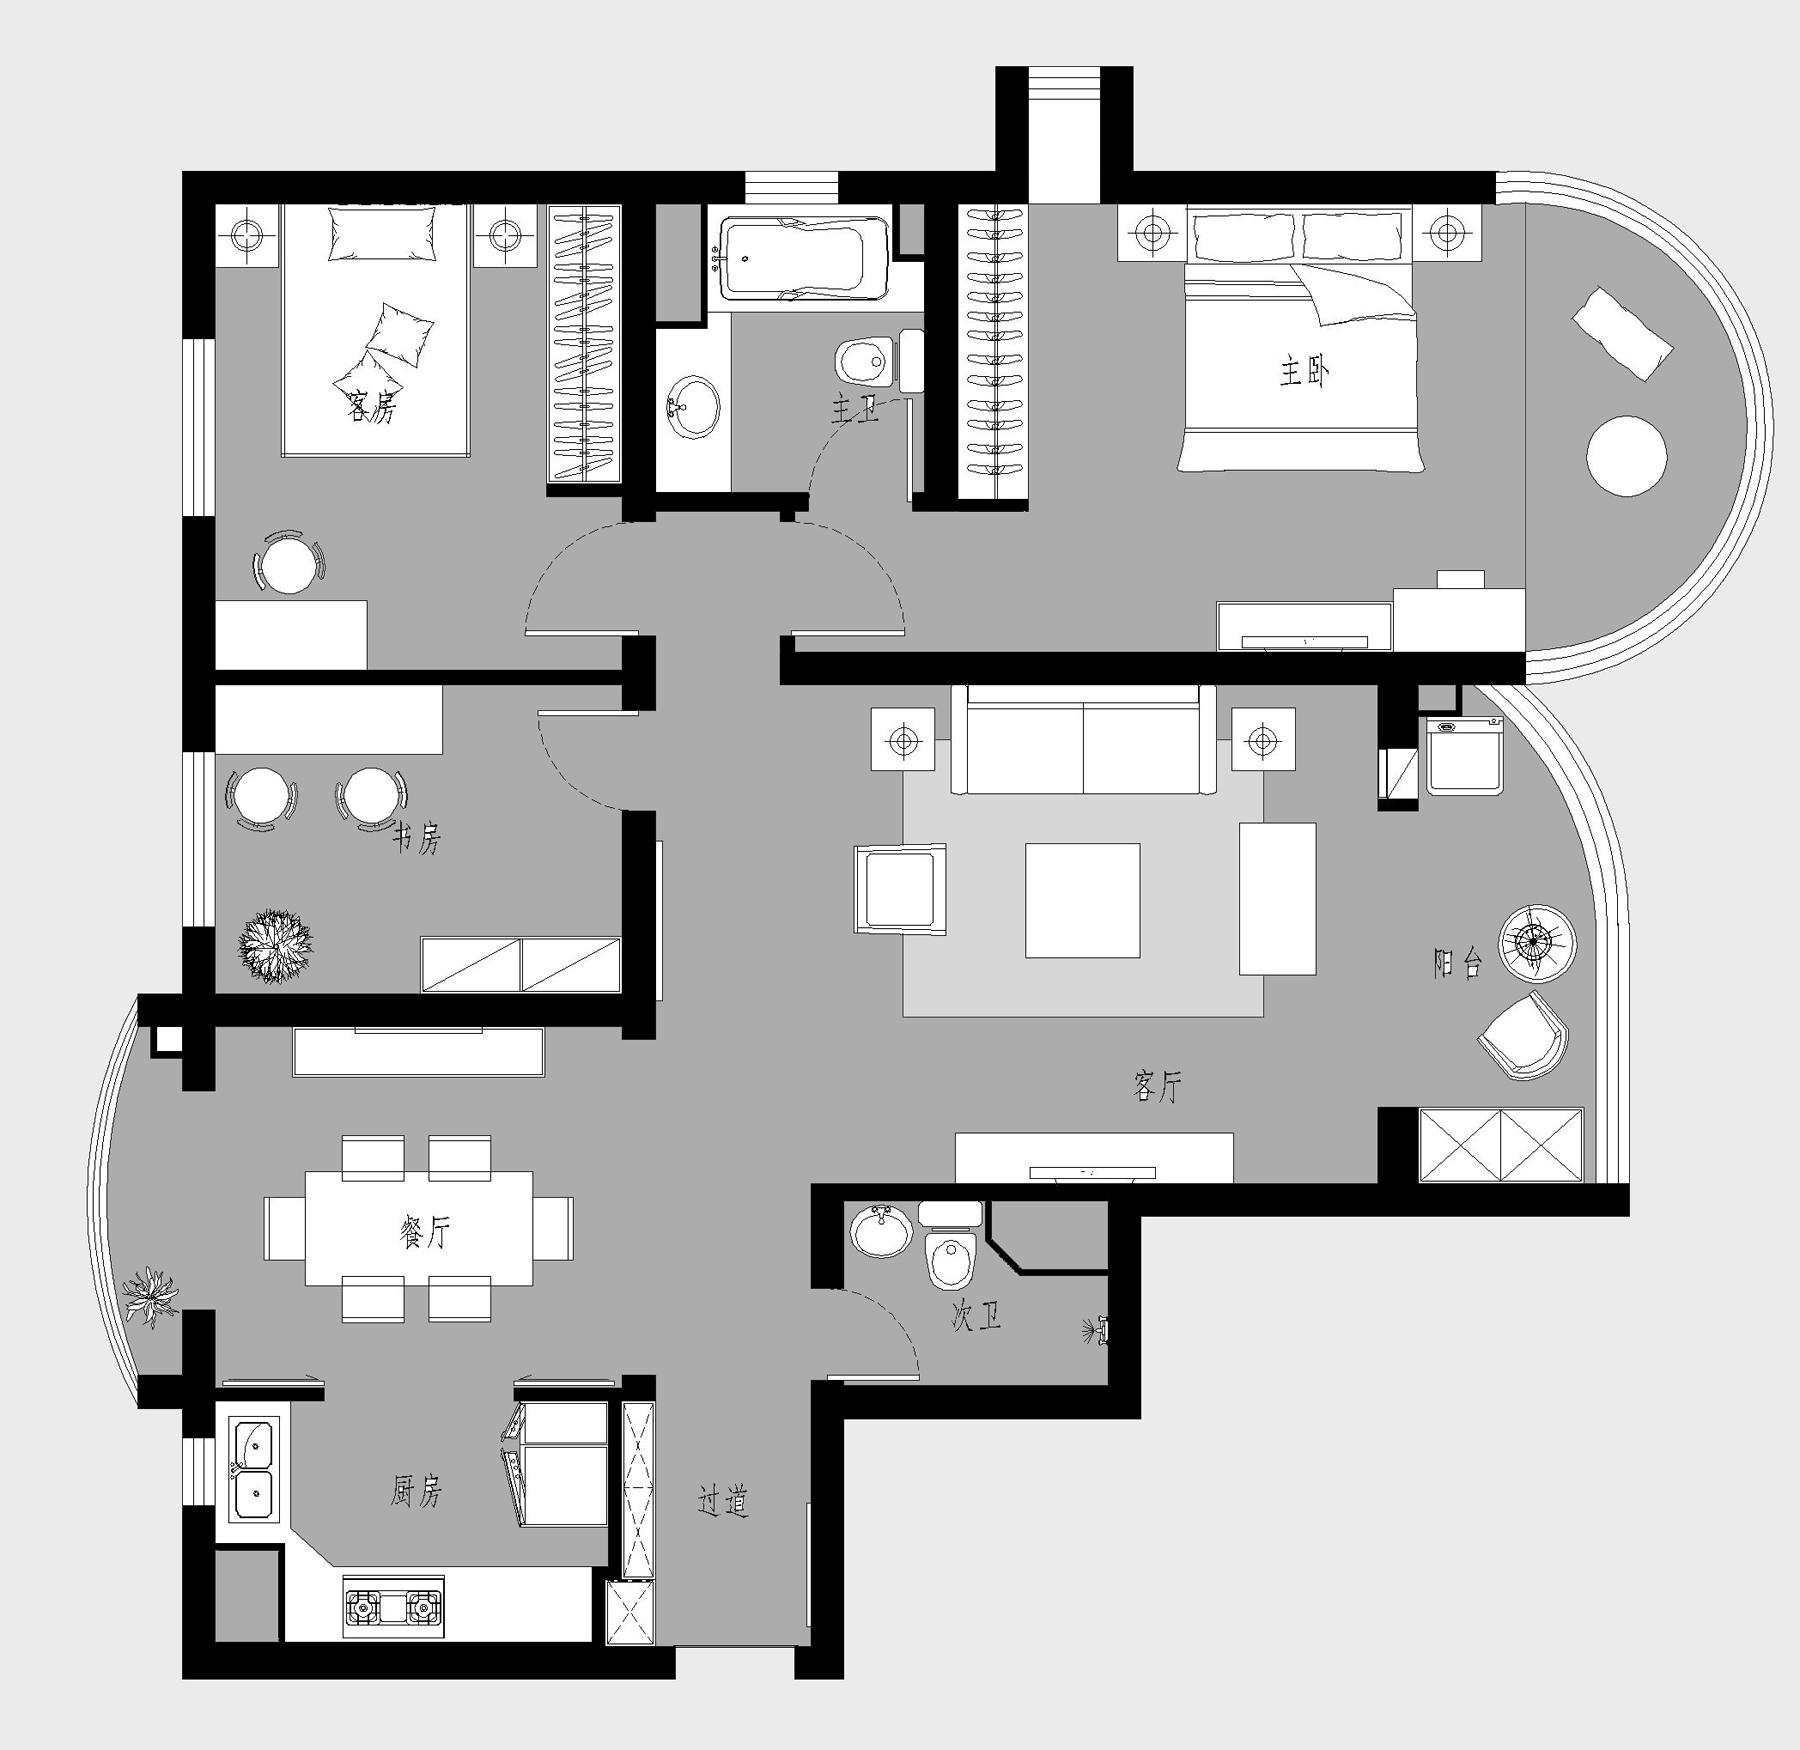 珠江绿洲-美式乡村-150平米装修设计理念